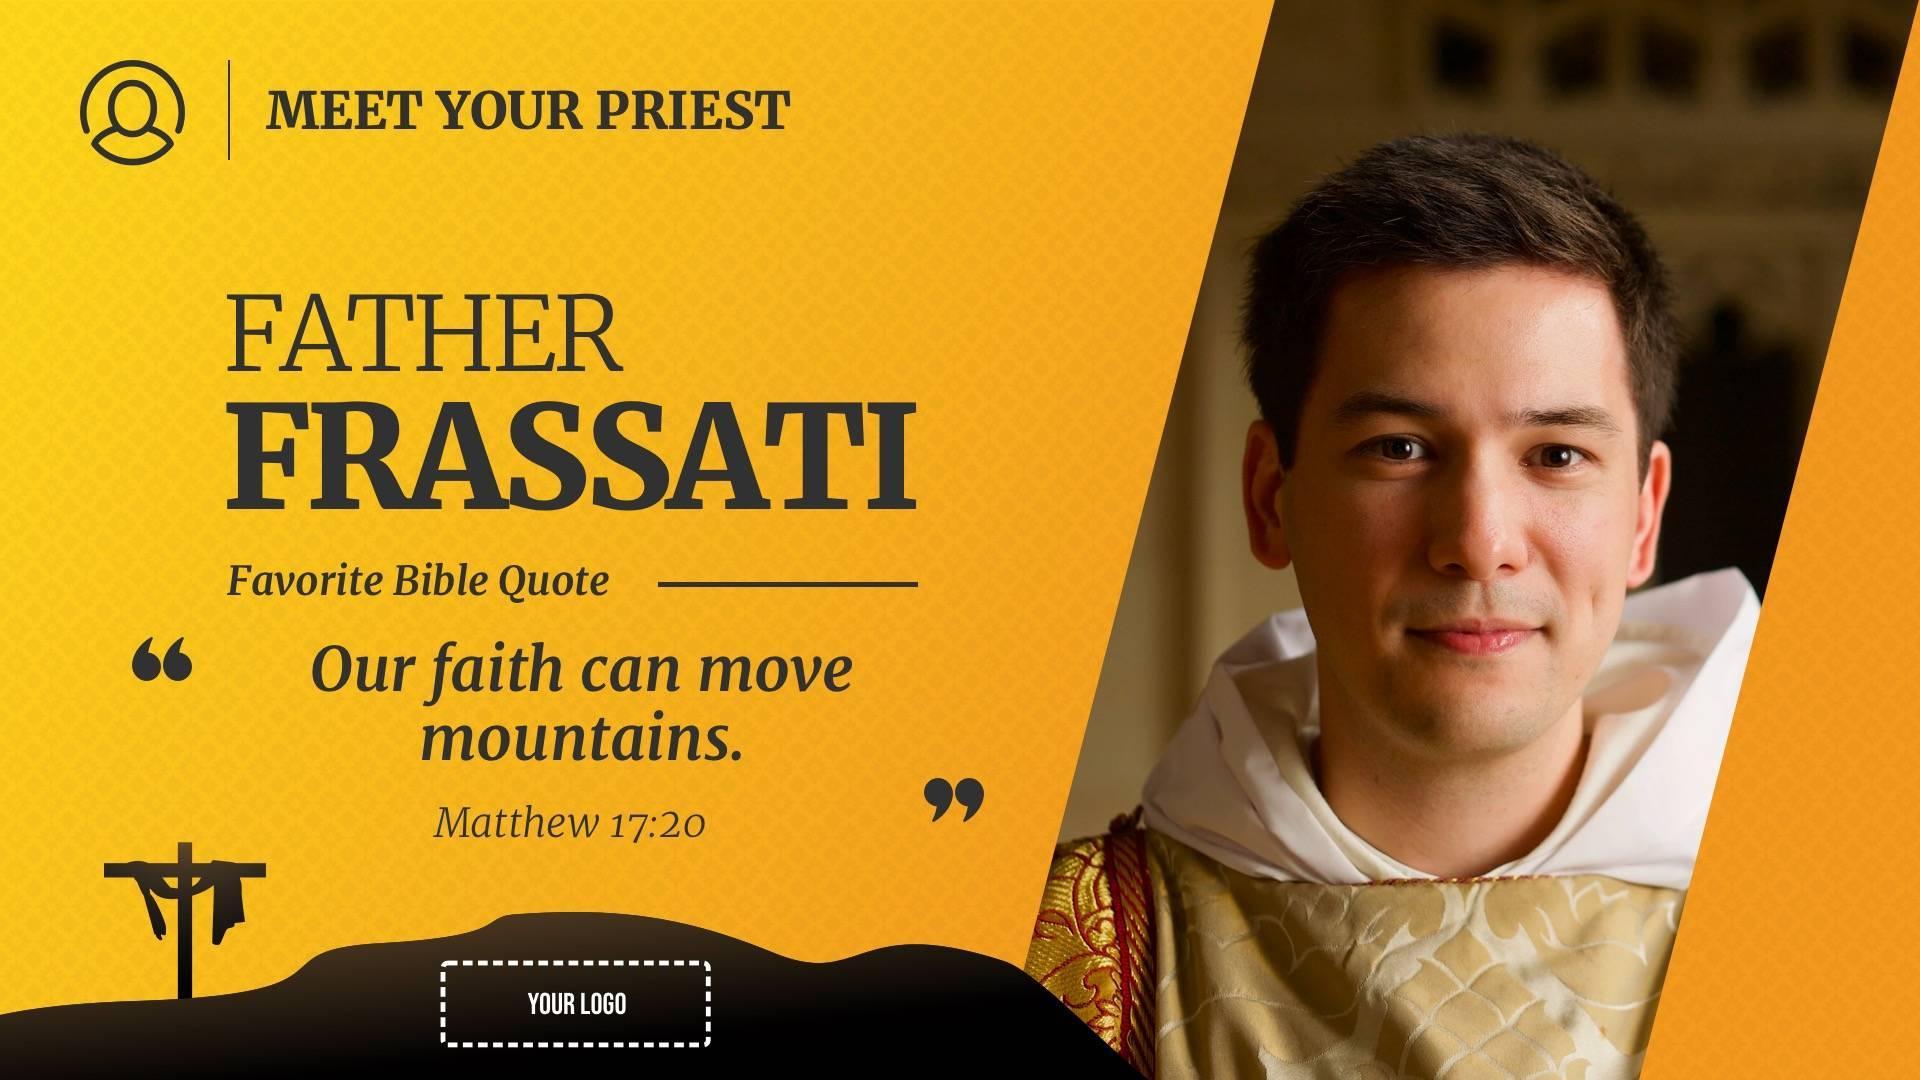 Meet the Priest / Nun Profile Digital Signage Template